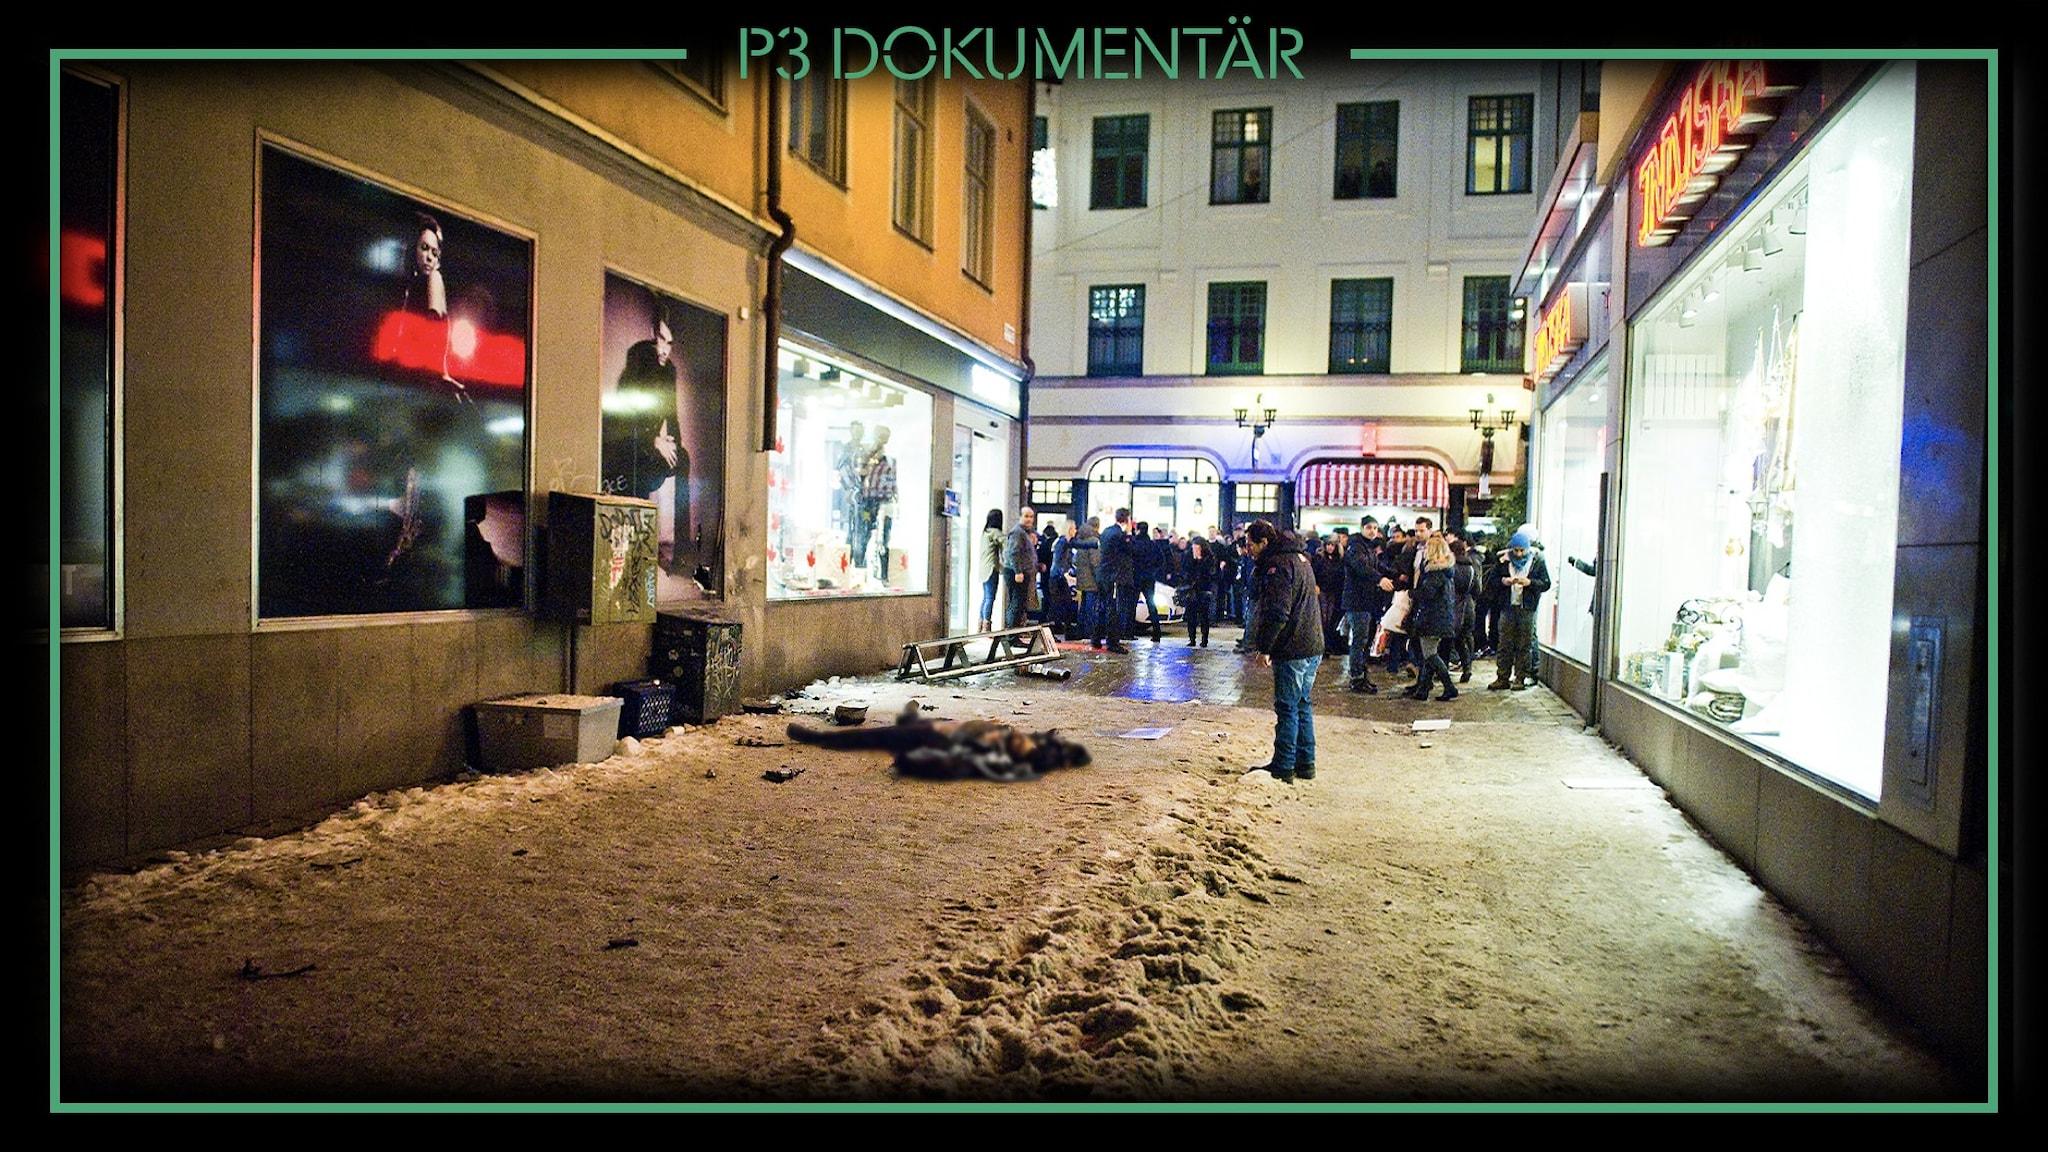 P3 Dokumentär Självmordsbombaren på Bryggargatan